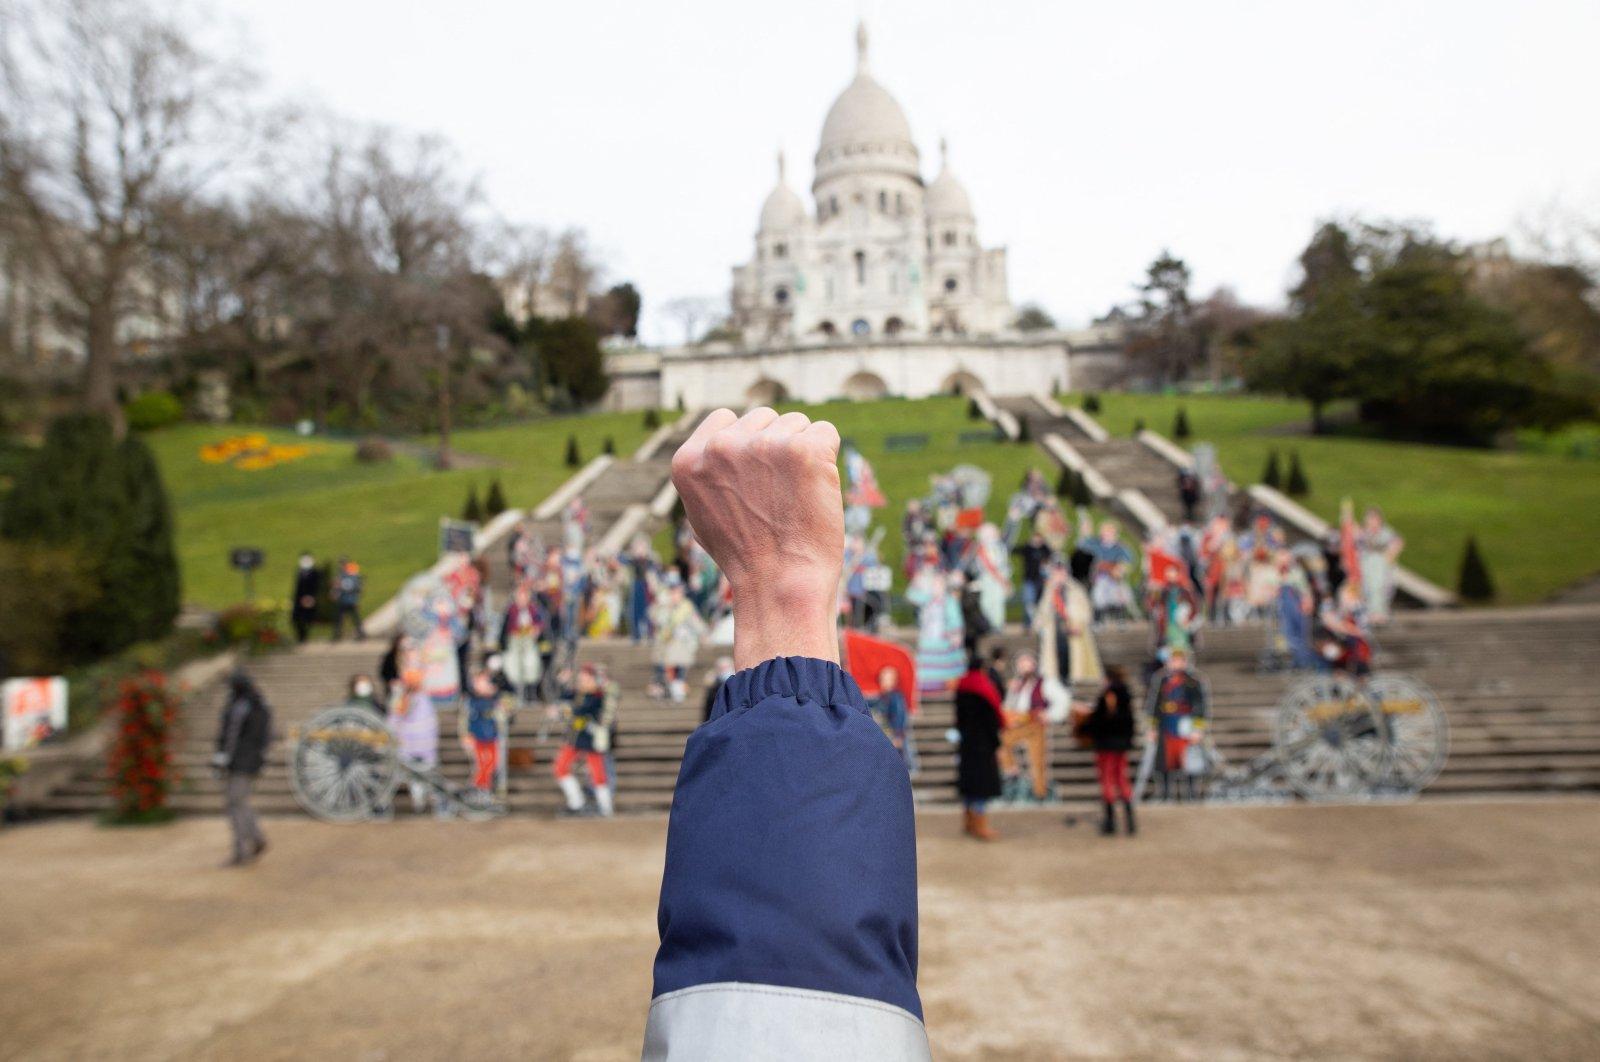 A man raises his fist during the celebration of the 150 year anniversary of La Commune de Paris at the Louise Michel Square next to the Basilica Sacre Coeur, in Paris, France, March 18, 2020. (Photo by Raphael Lafargue/abacapress.com via Reuters)